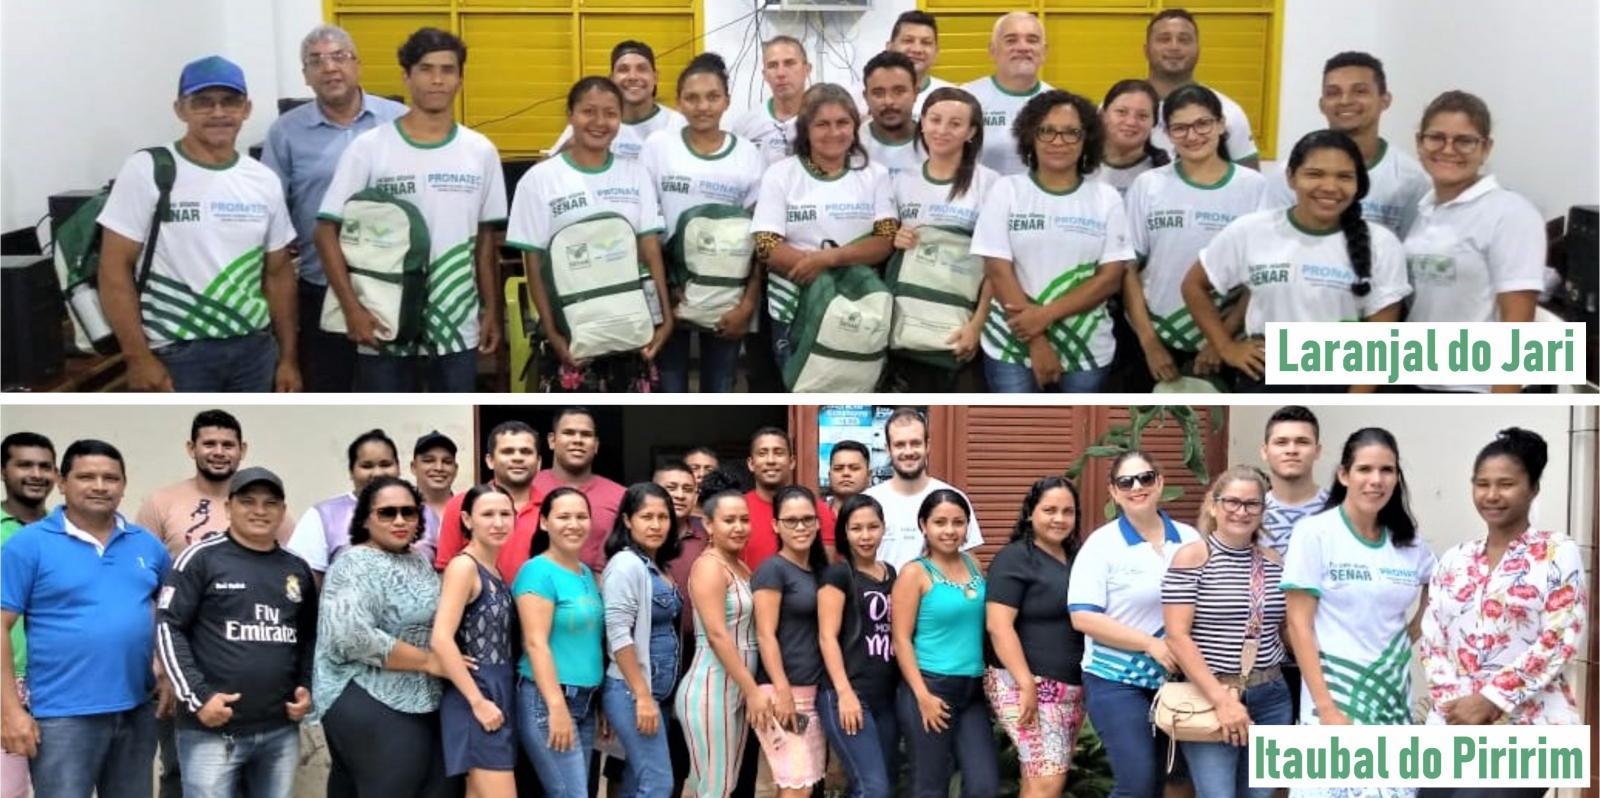 Turmas do curso Técnico em Agronegócio iniciam aulas nos polos Laranjal do Jari e Itaubal do Piririm